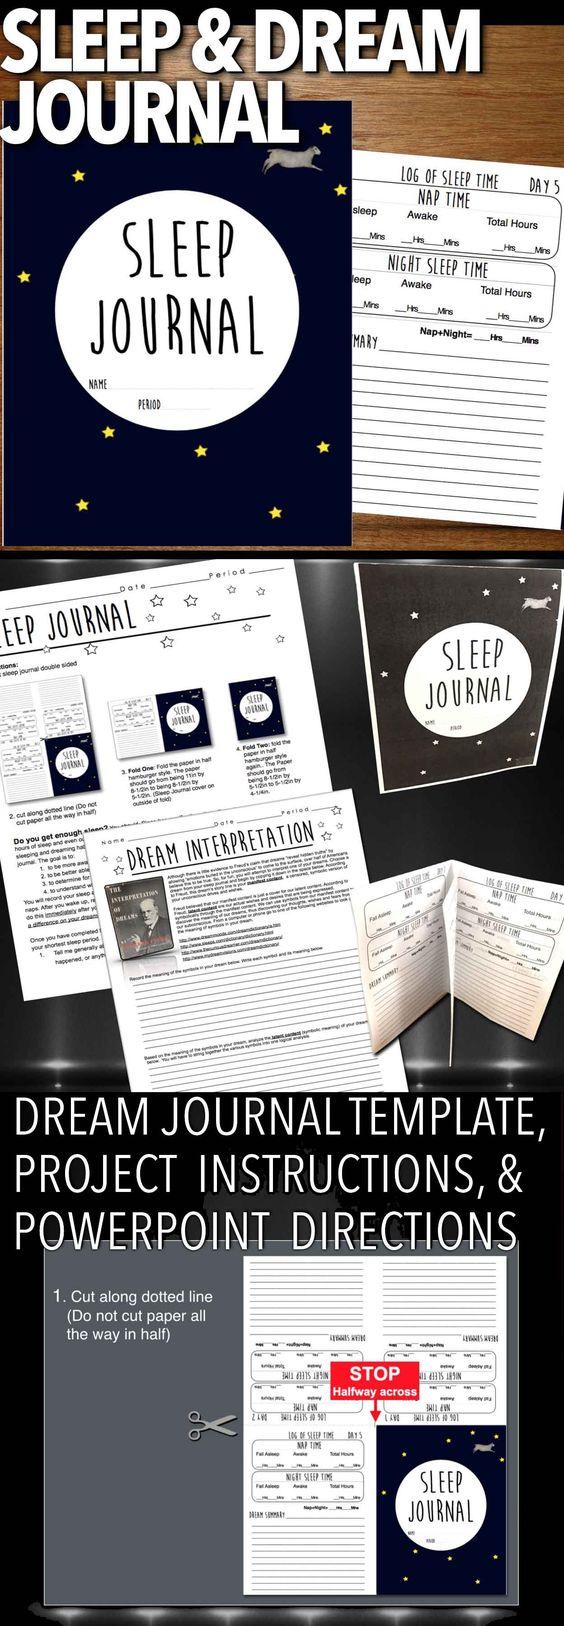 Sleep dream diary